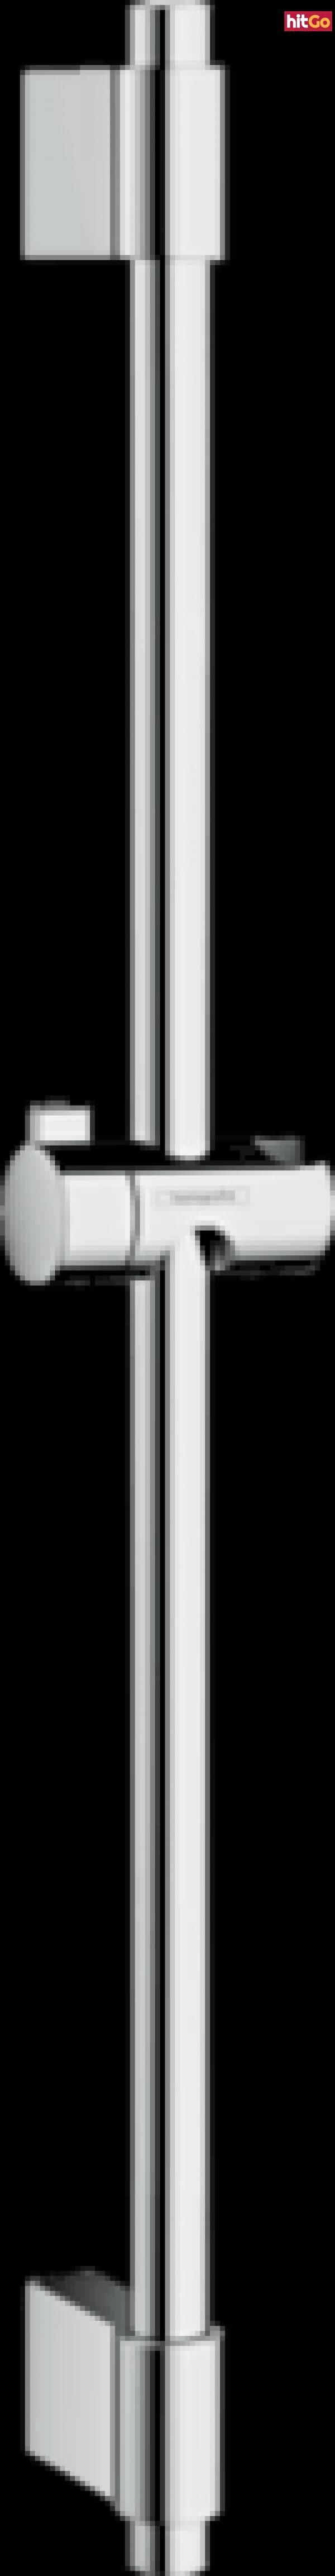 Sprchová tyč Hansgrohe Unica chrom 27355000 chrom chrom